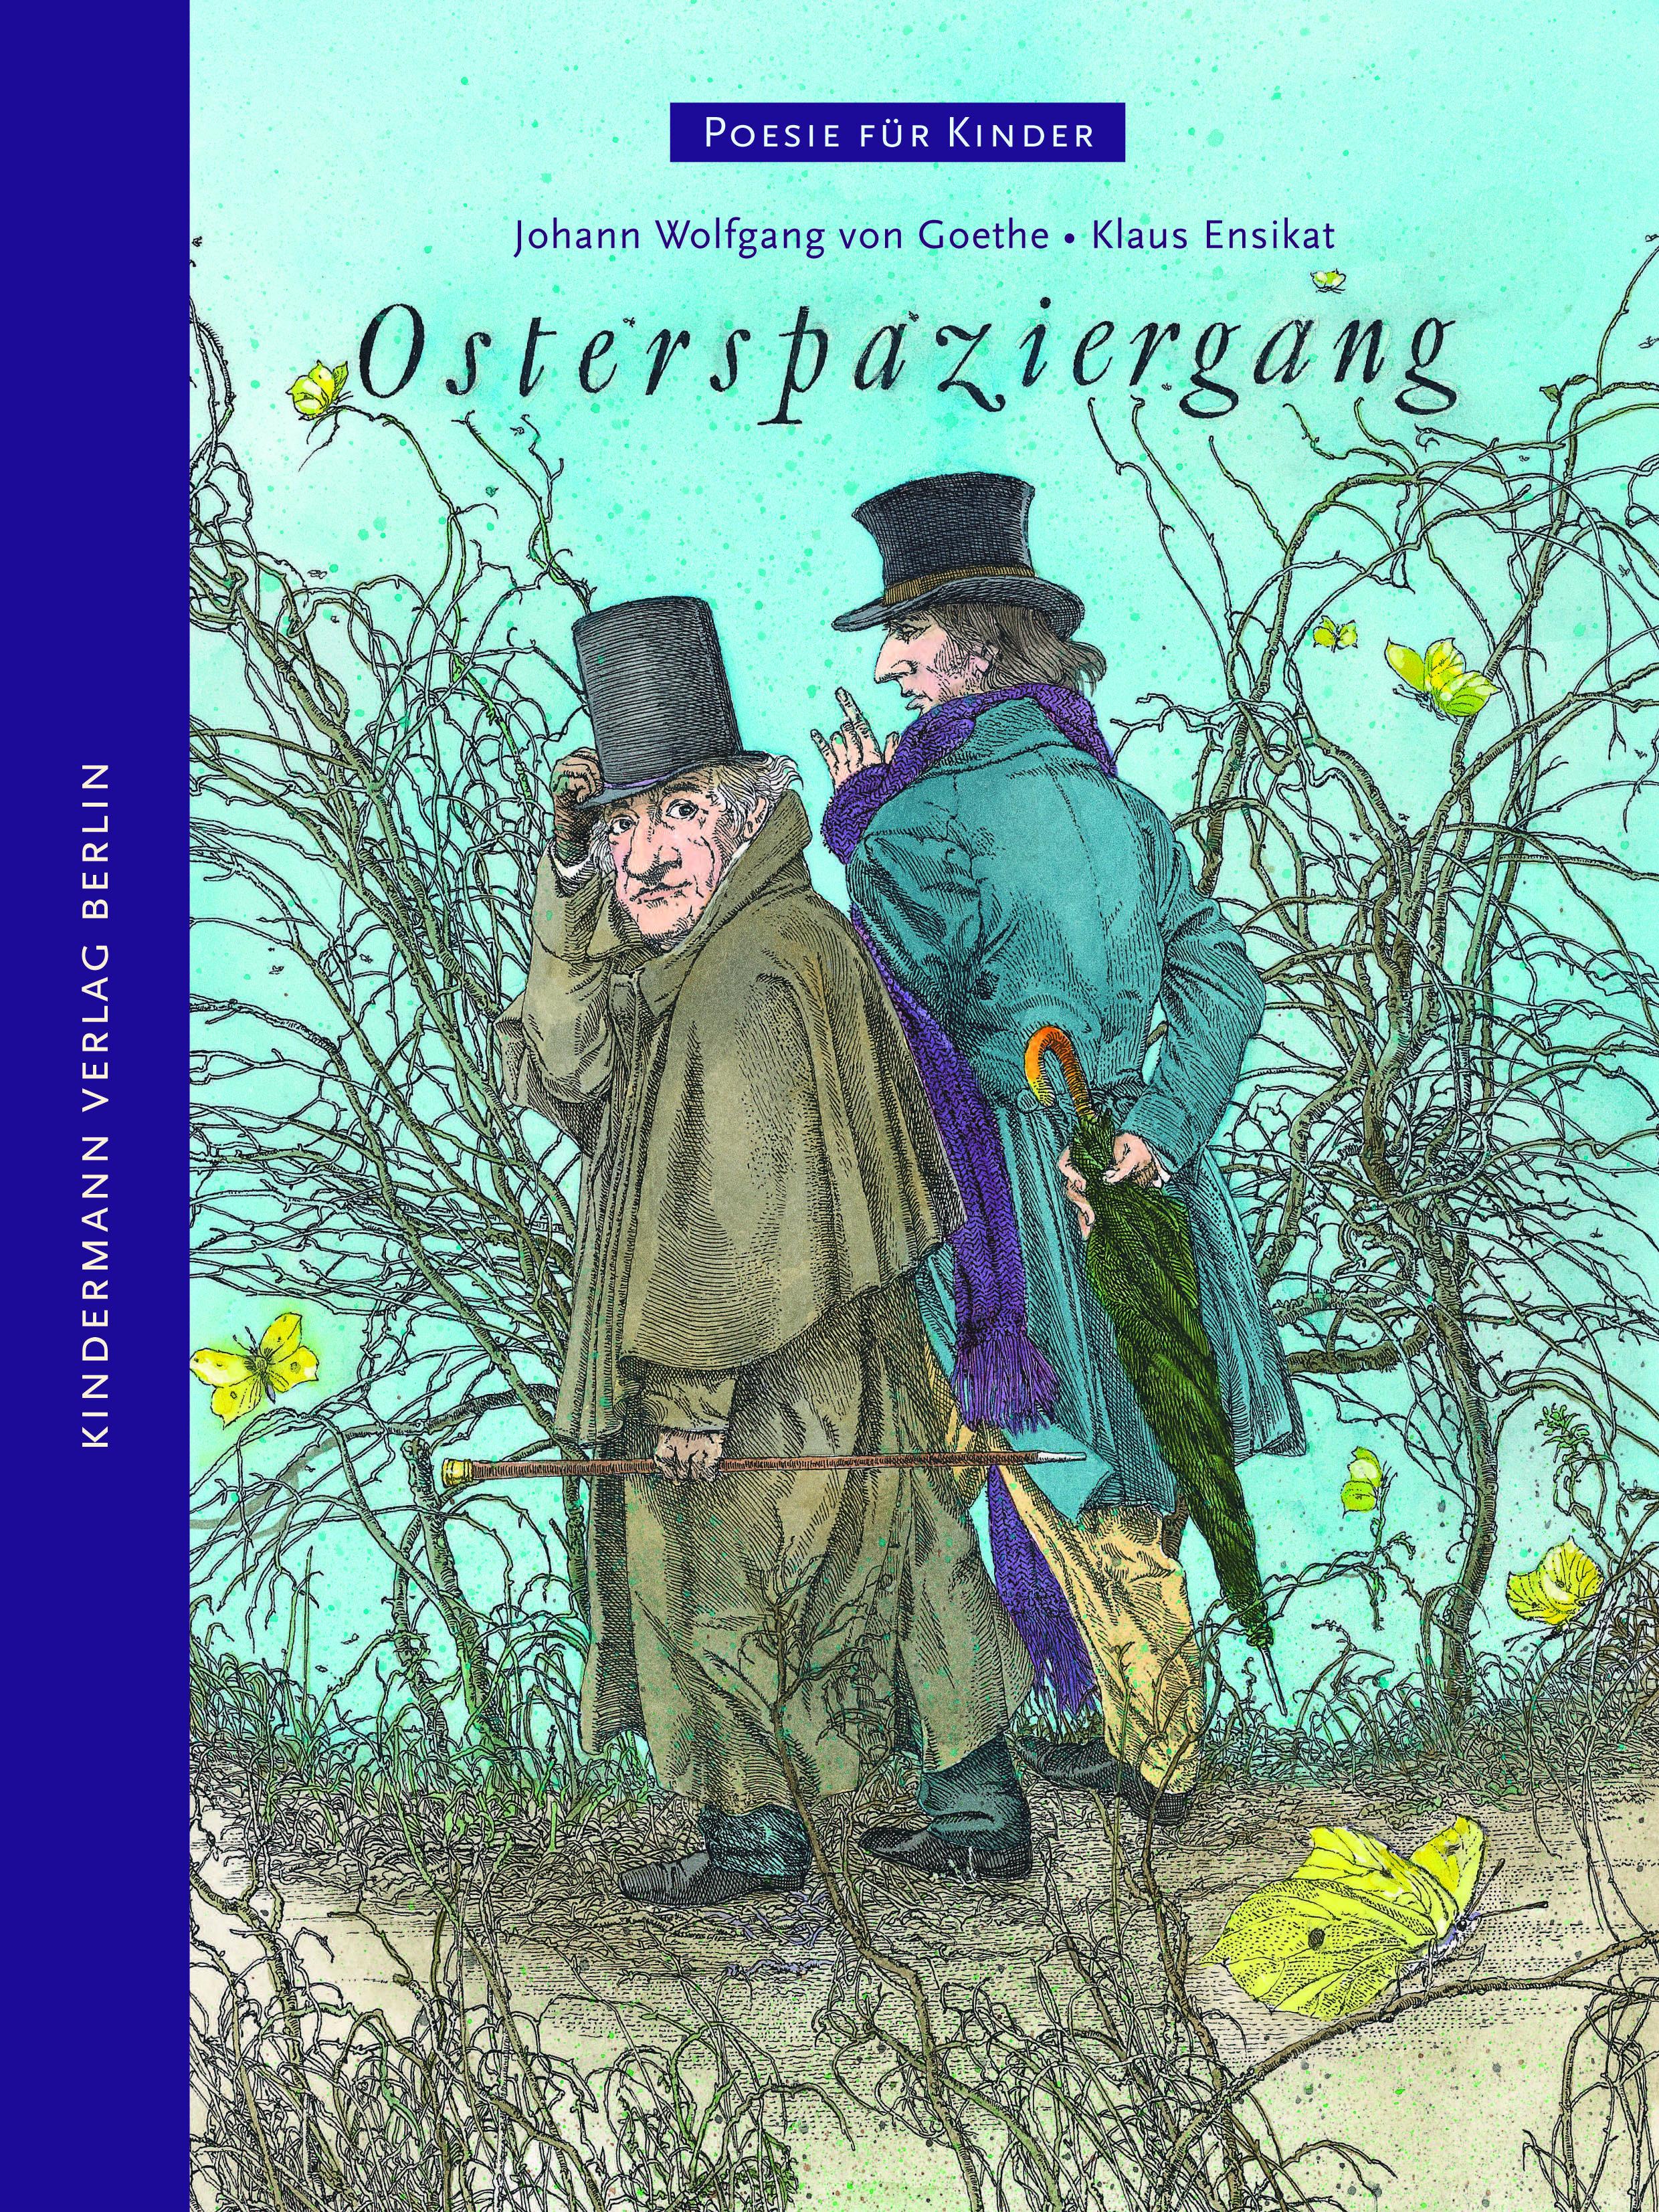 Goethes Osterspaziergang Fur Kinder Kindermann Verlag Poesie Fur Kinder Kinderbucher Ostergedichte